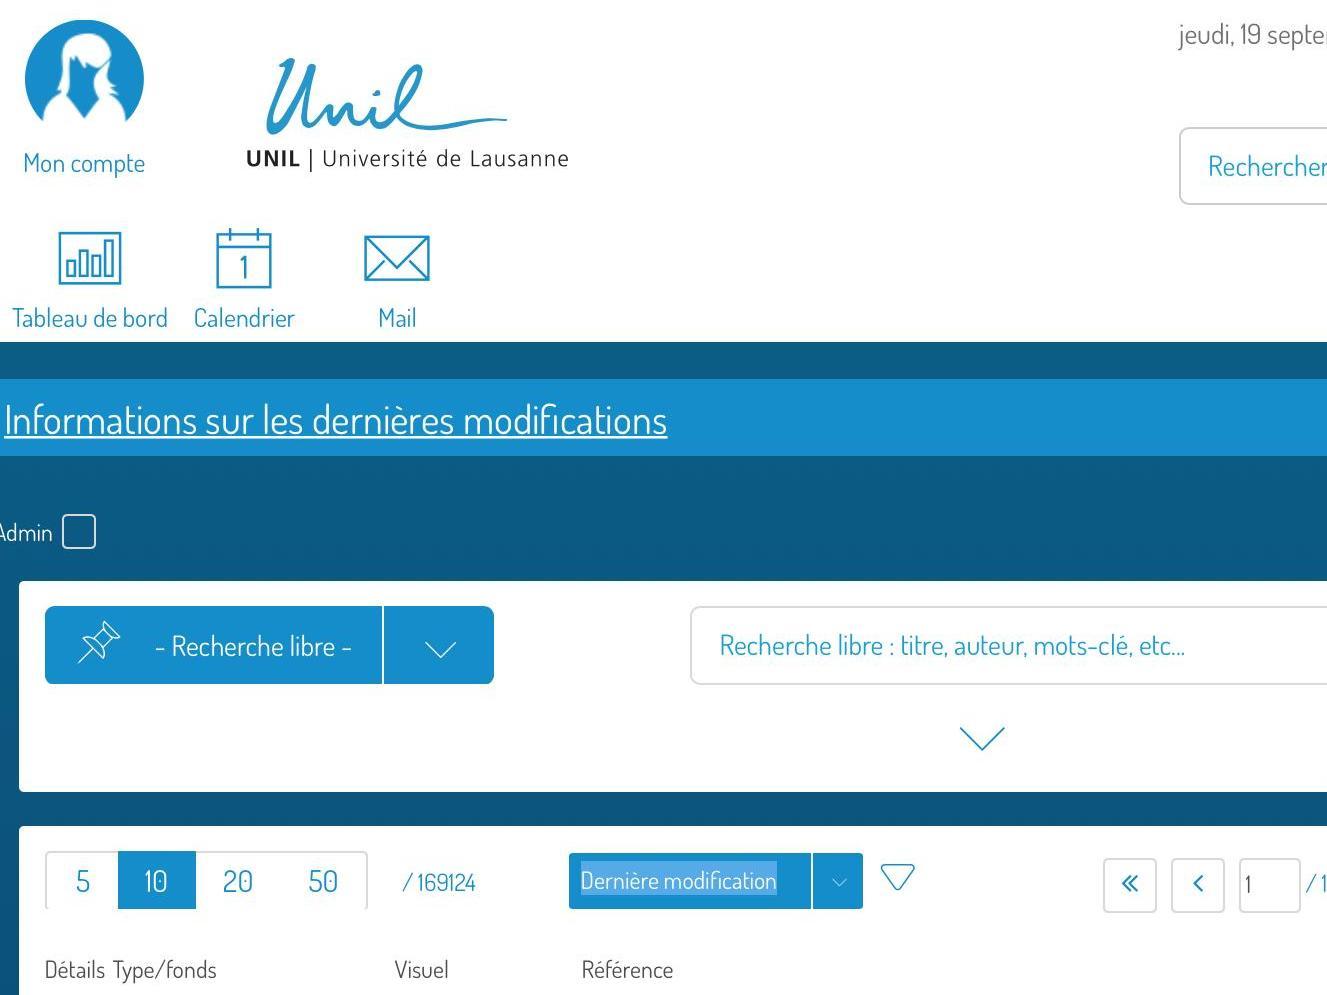 Près de 2000 publications UNIL/CHUV disponibles en libre accès dans SERVAL grâce aux licences nationales